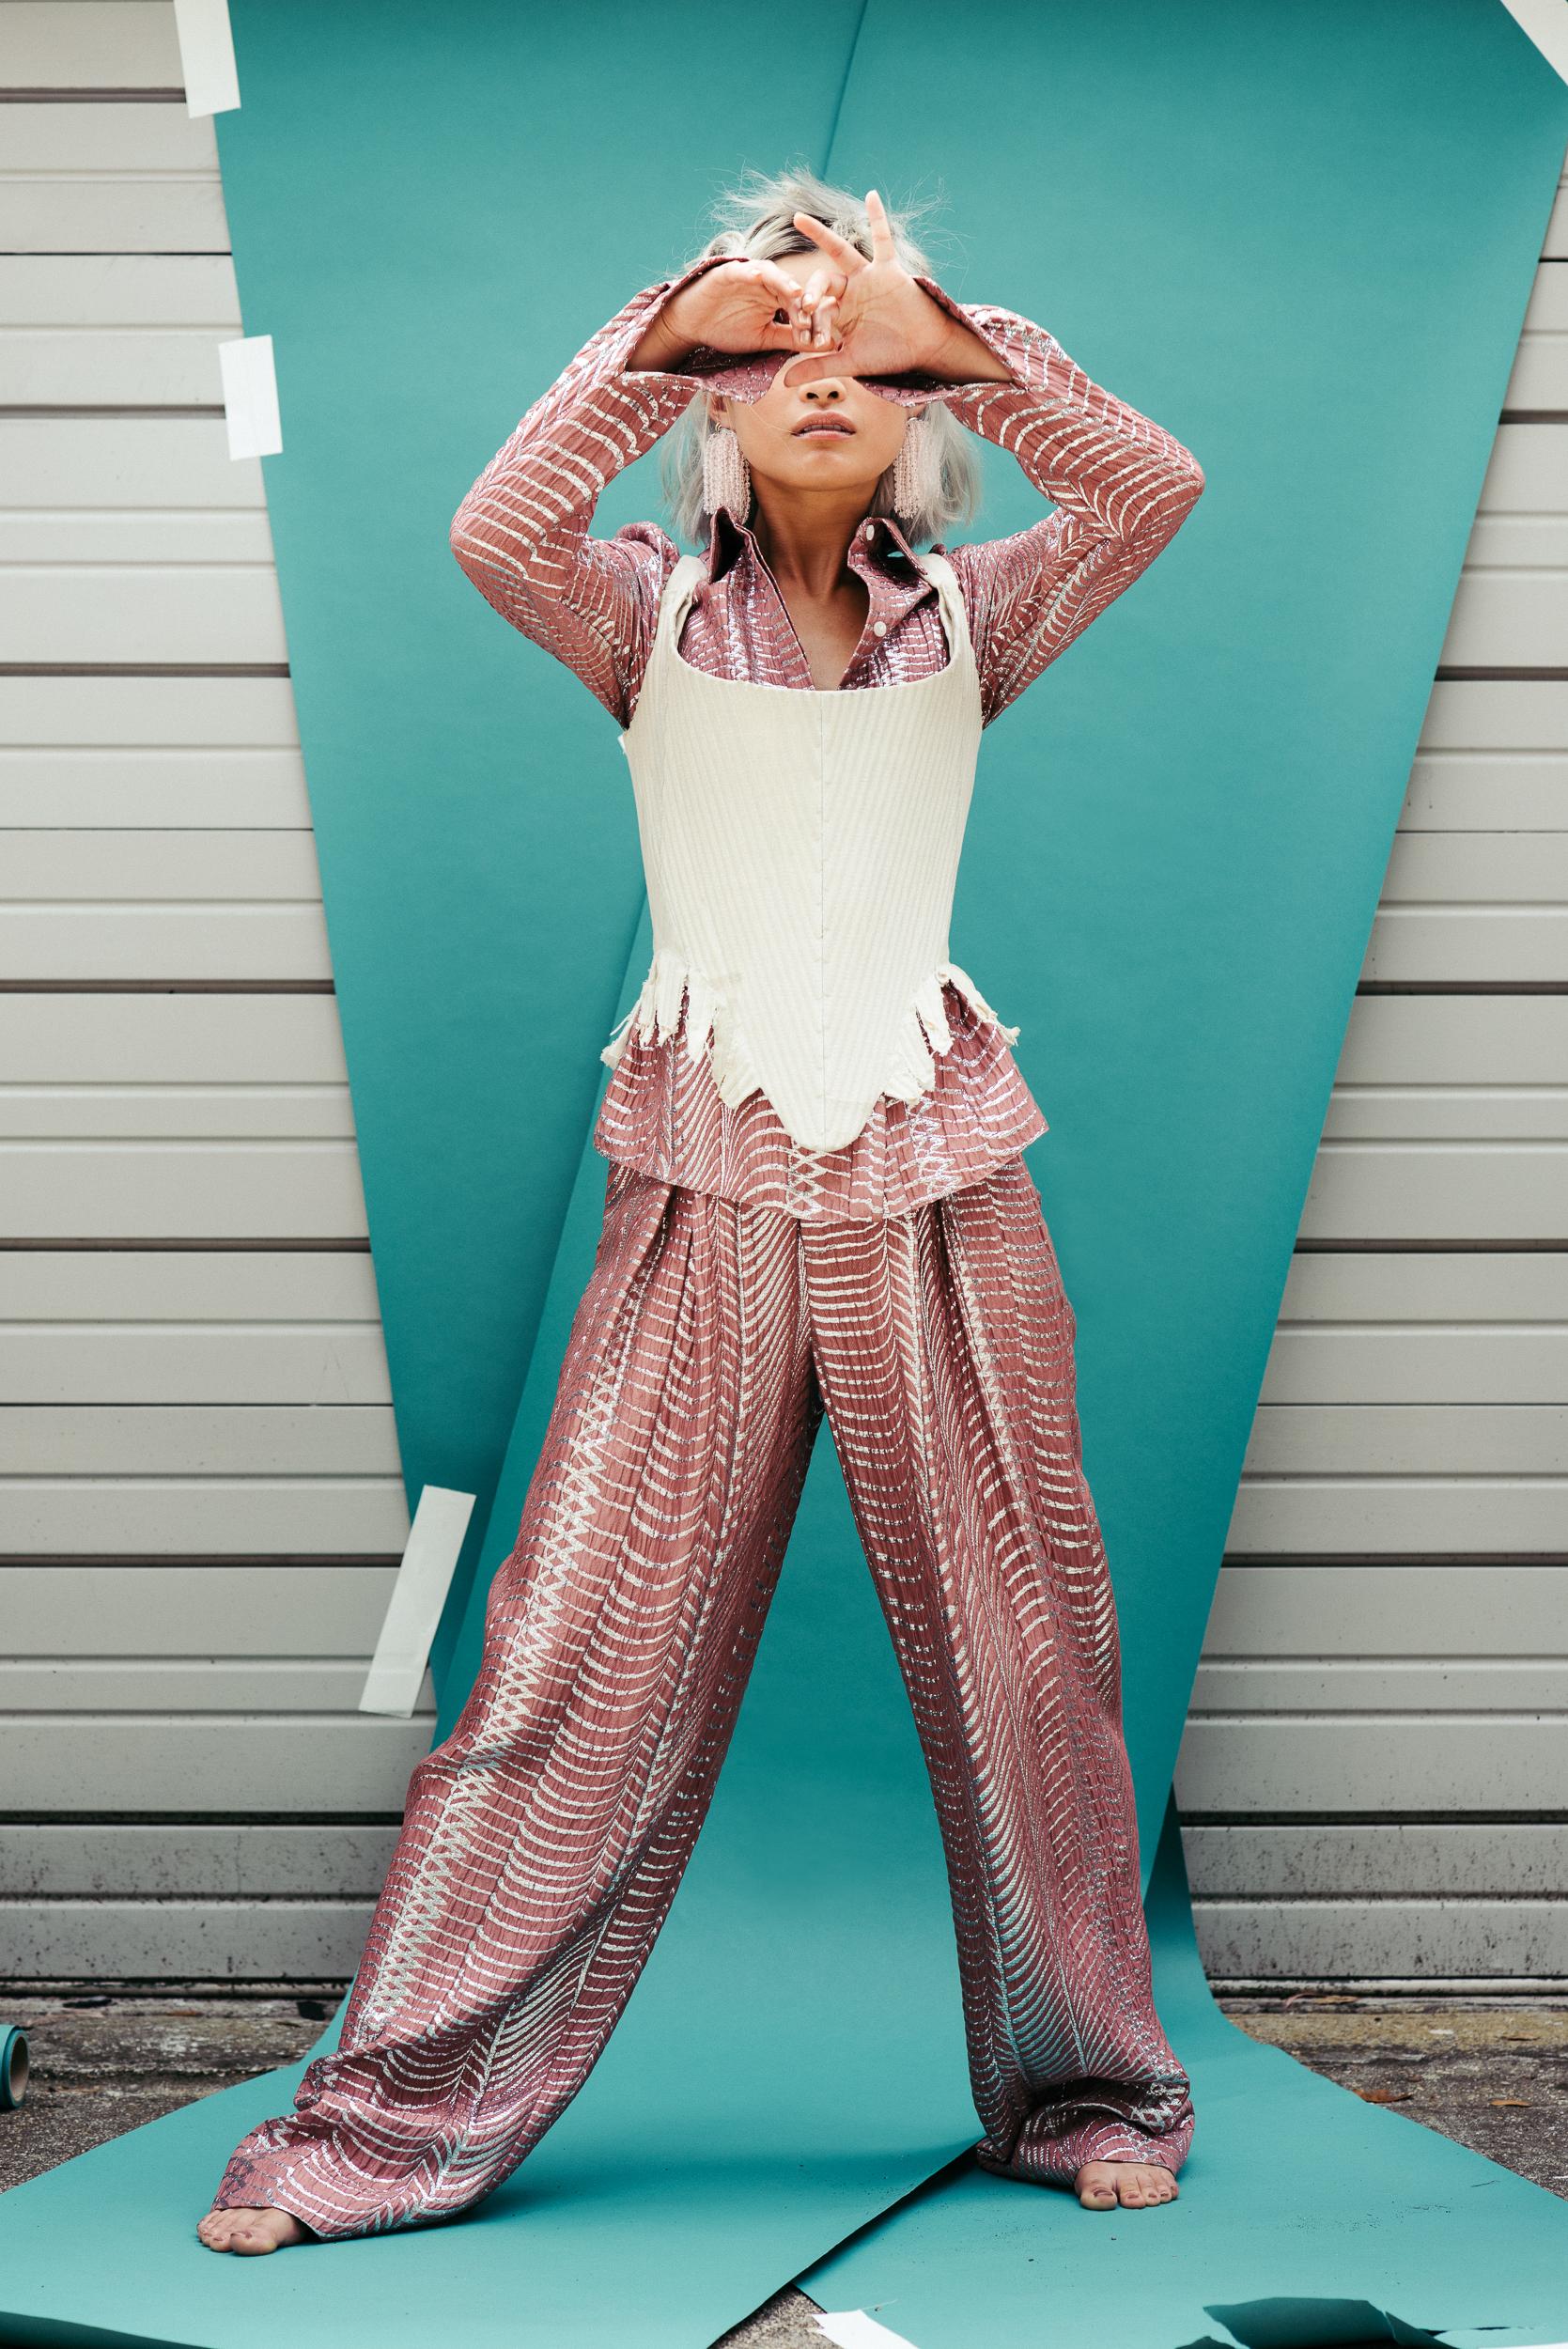 Augusta_Sagnelli_fashion_editorial-4.jpg